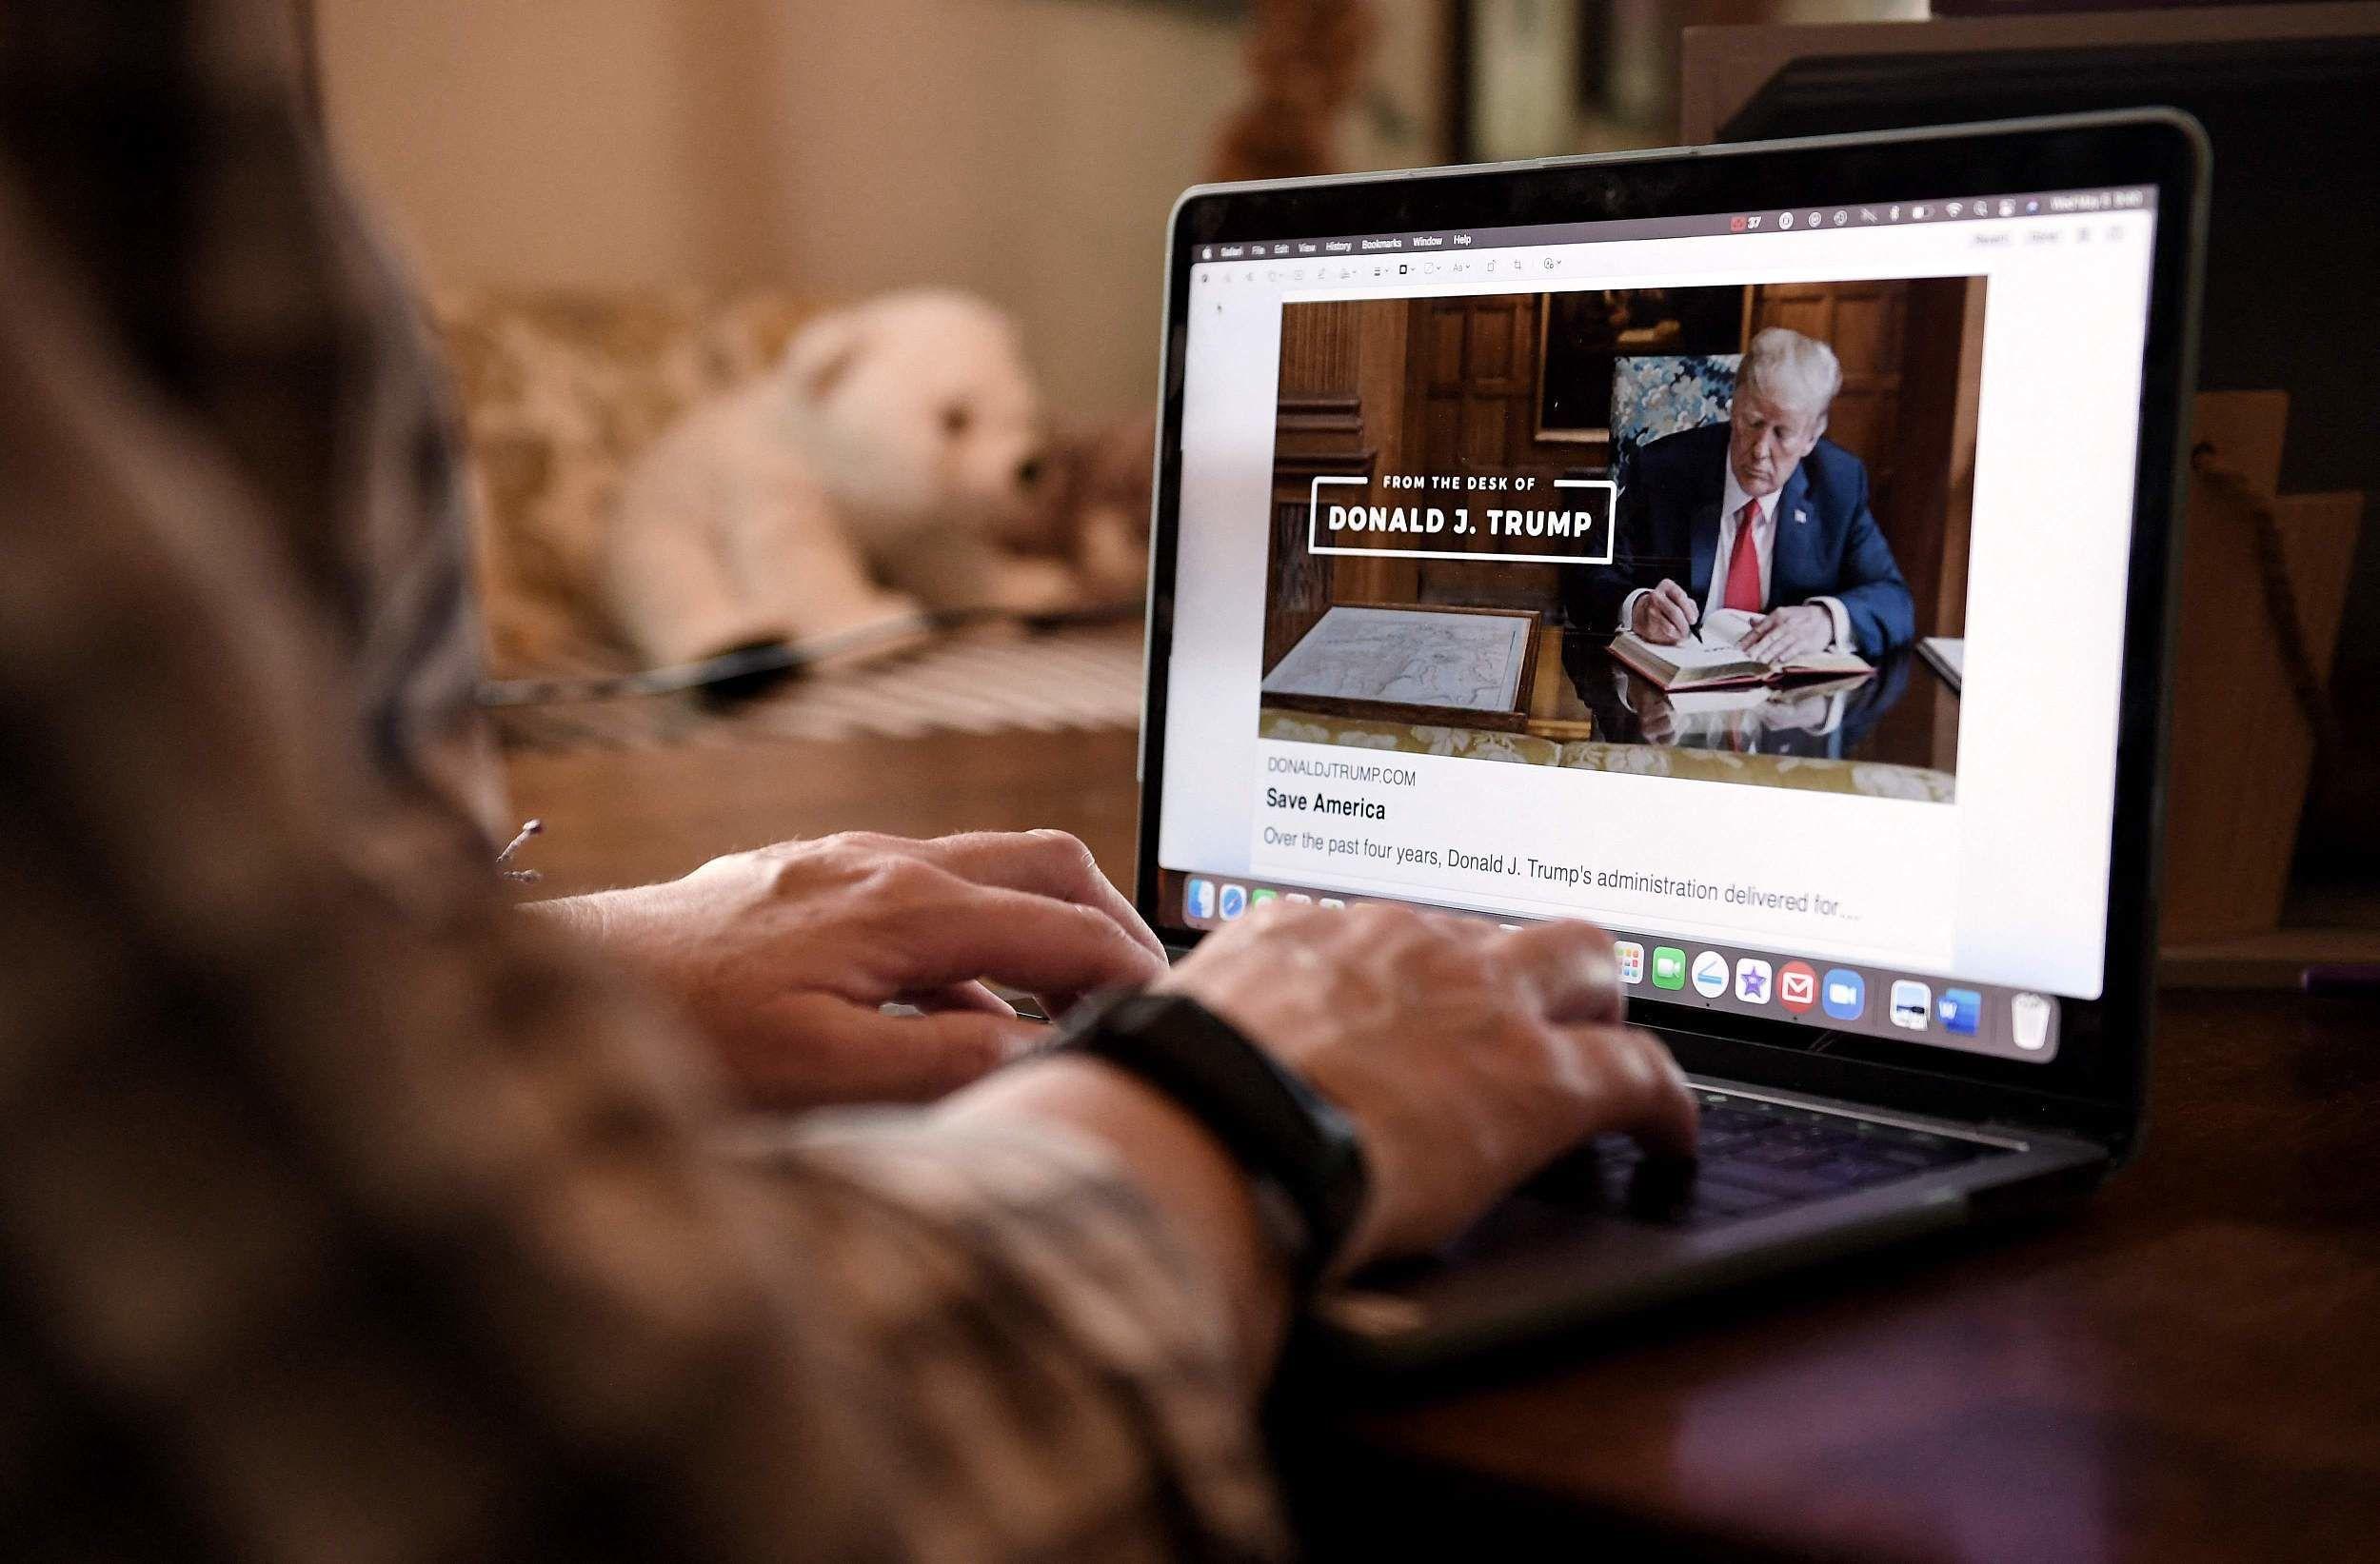 川普推新社交平台,只能点赞转发;腾讯公关总监因「青年睡觉」上热